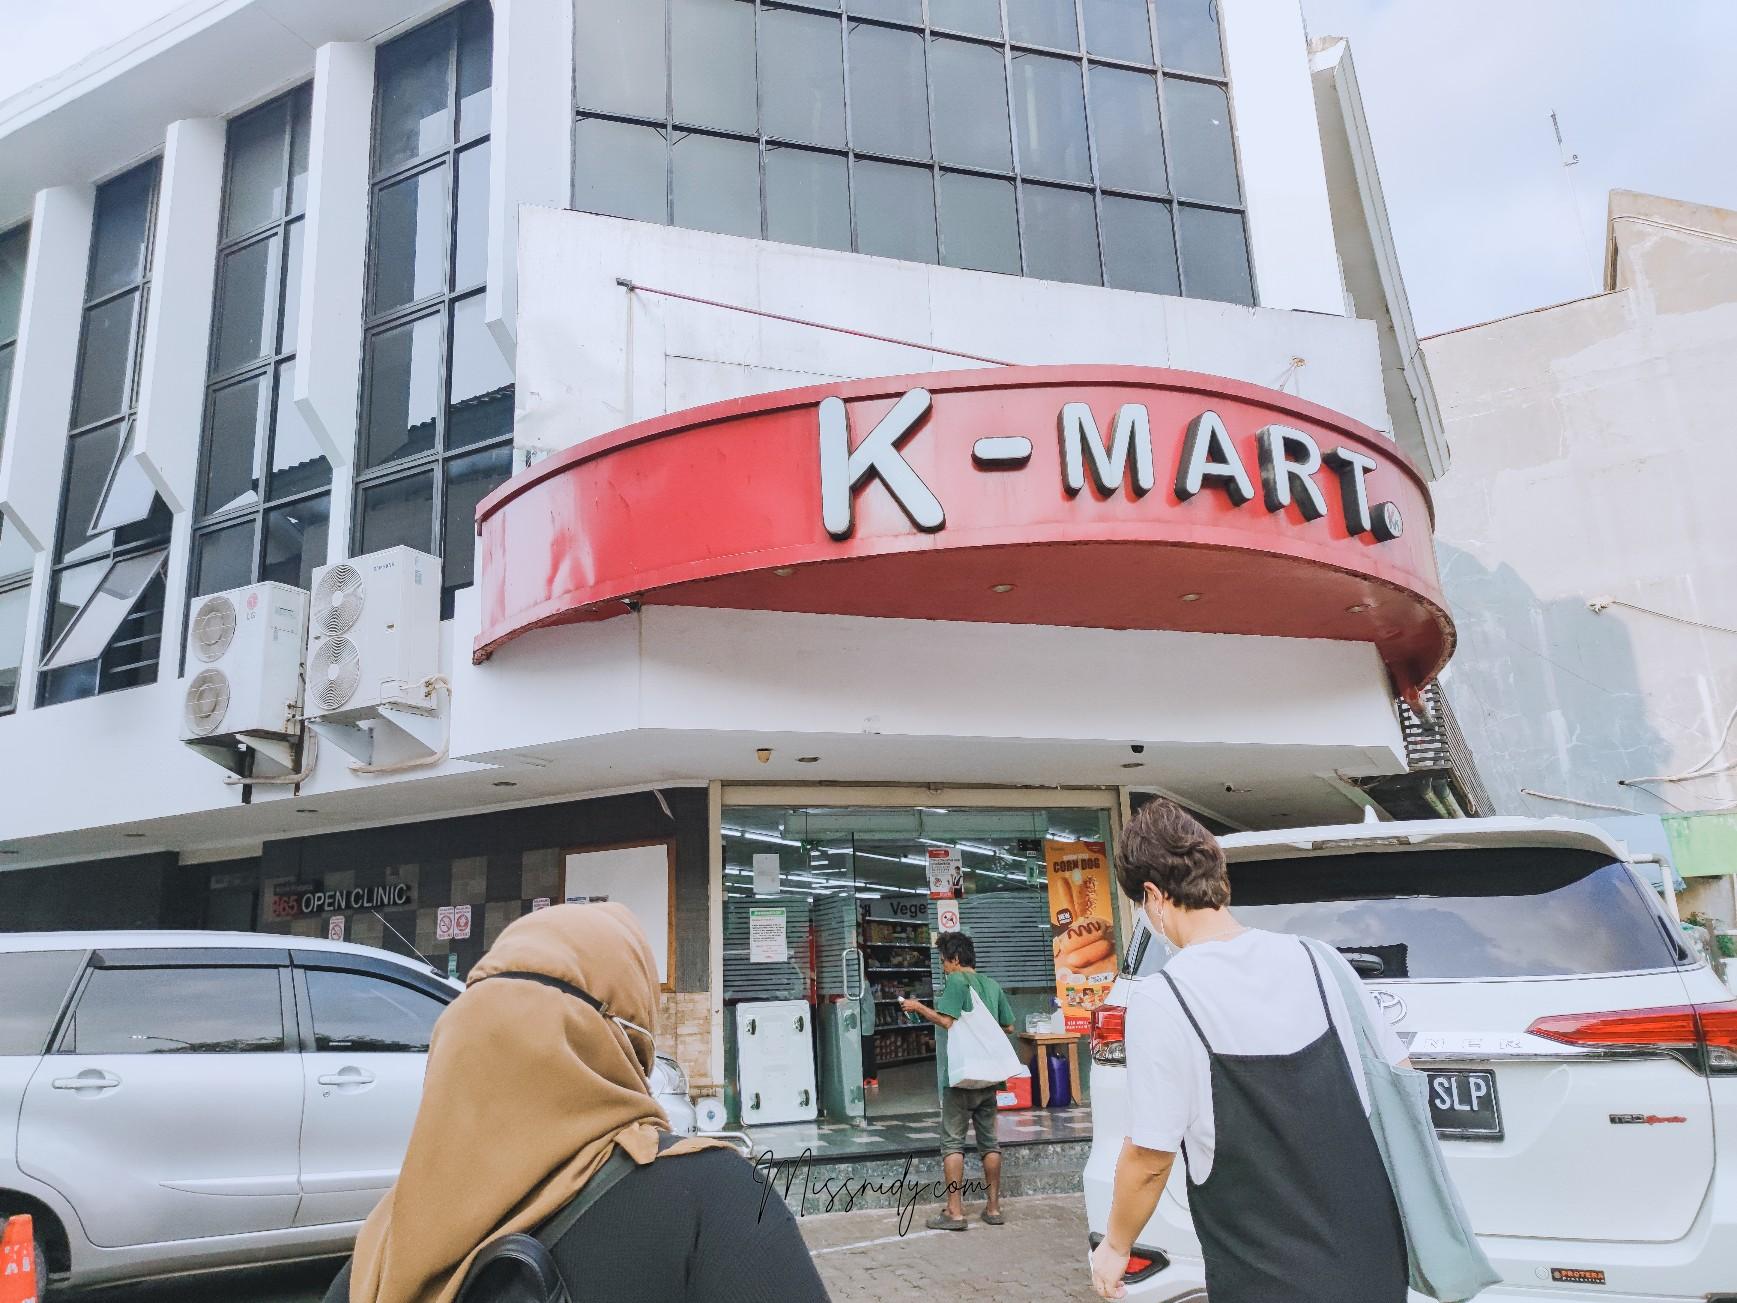 lokasi k-mart darmawangsa